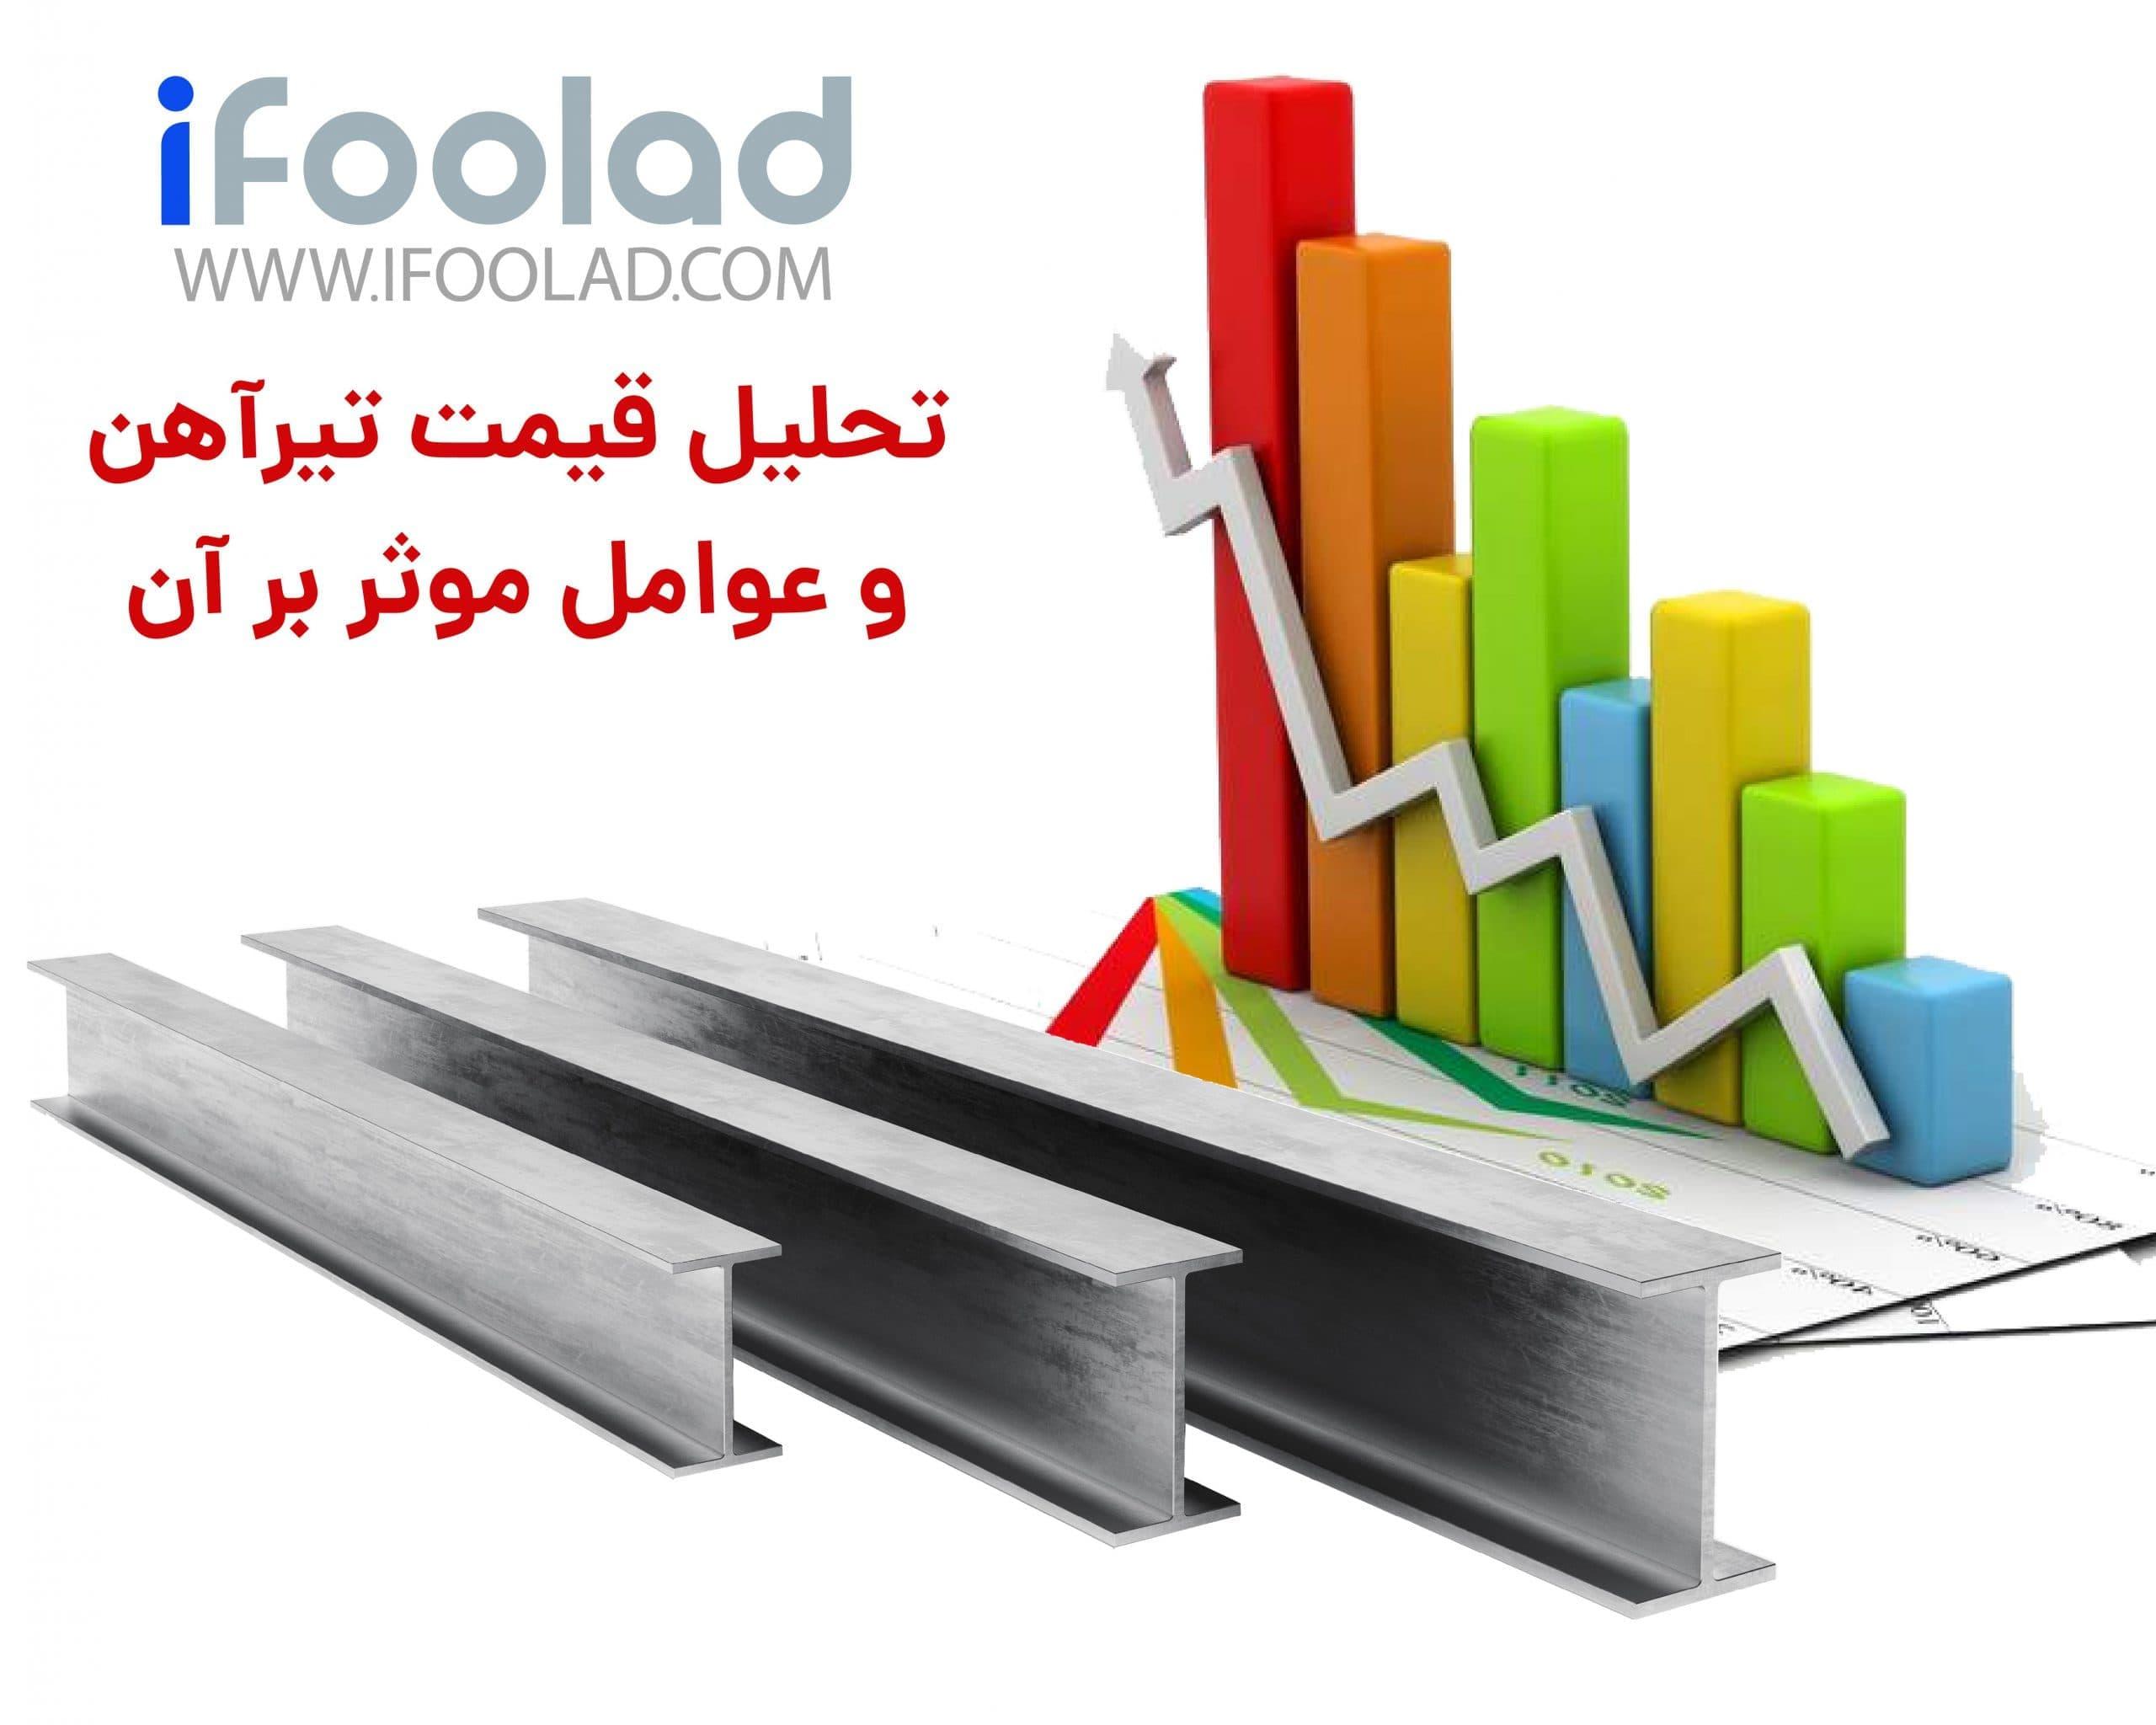 تحلیل قیمت تیرآهن و عوامل موثر بر آن | تغییر درصد شیوه نامه چه تاثیری بر بازار فولاد میگذارد؟